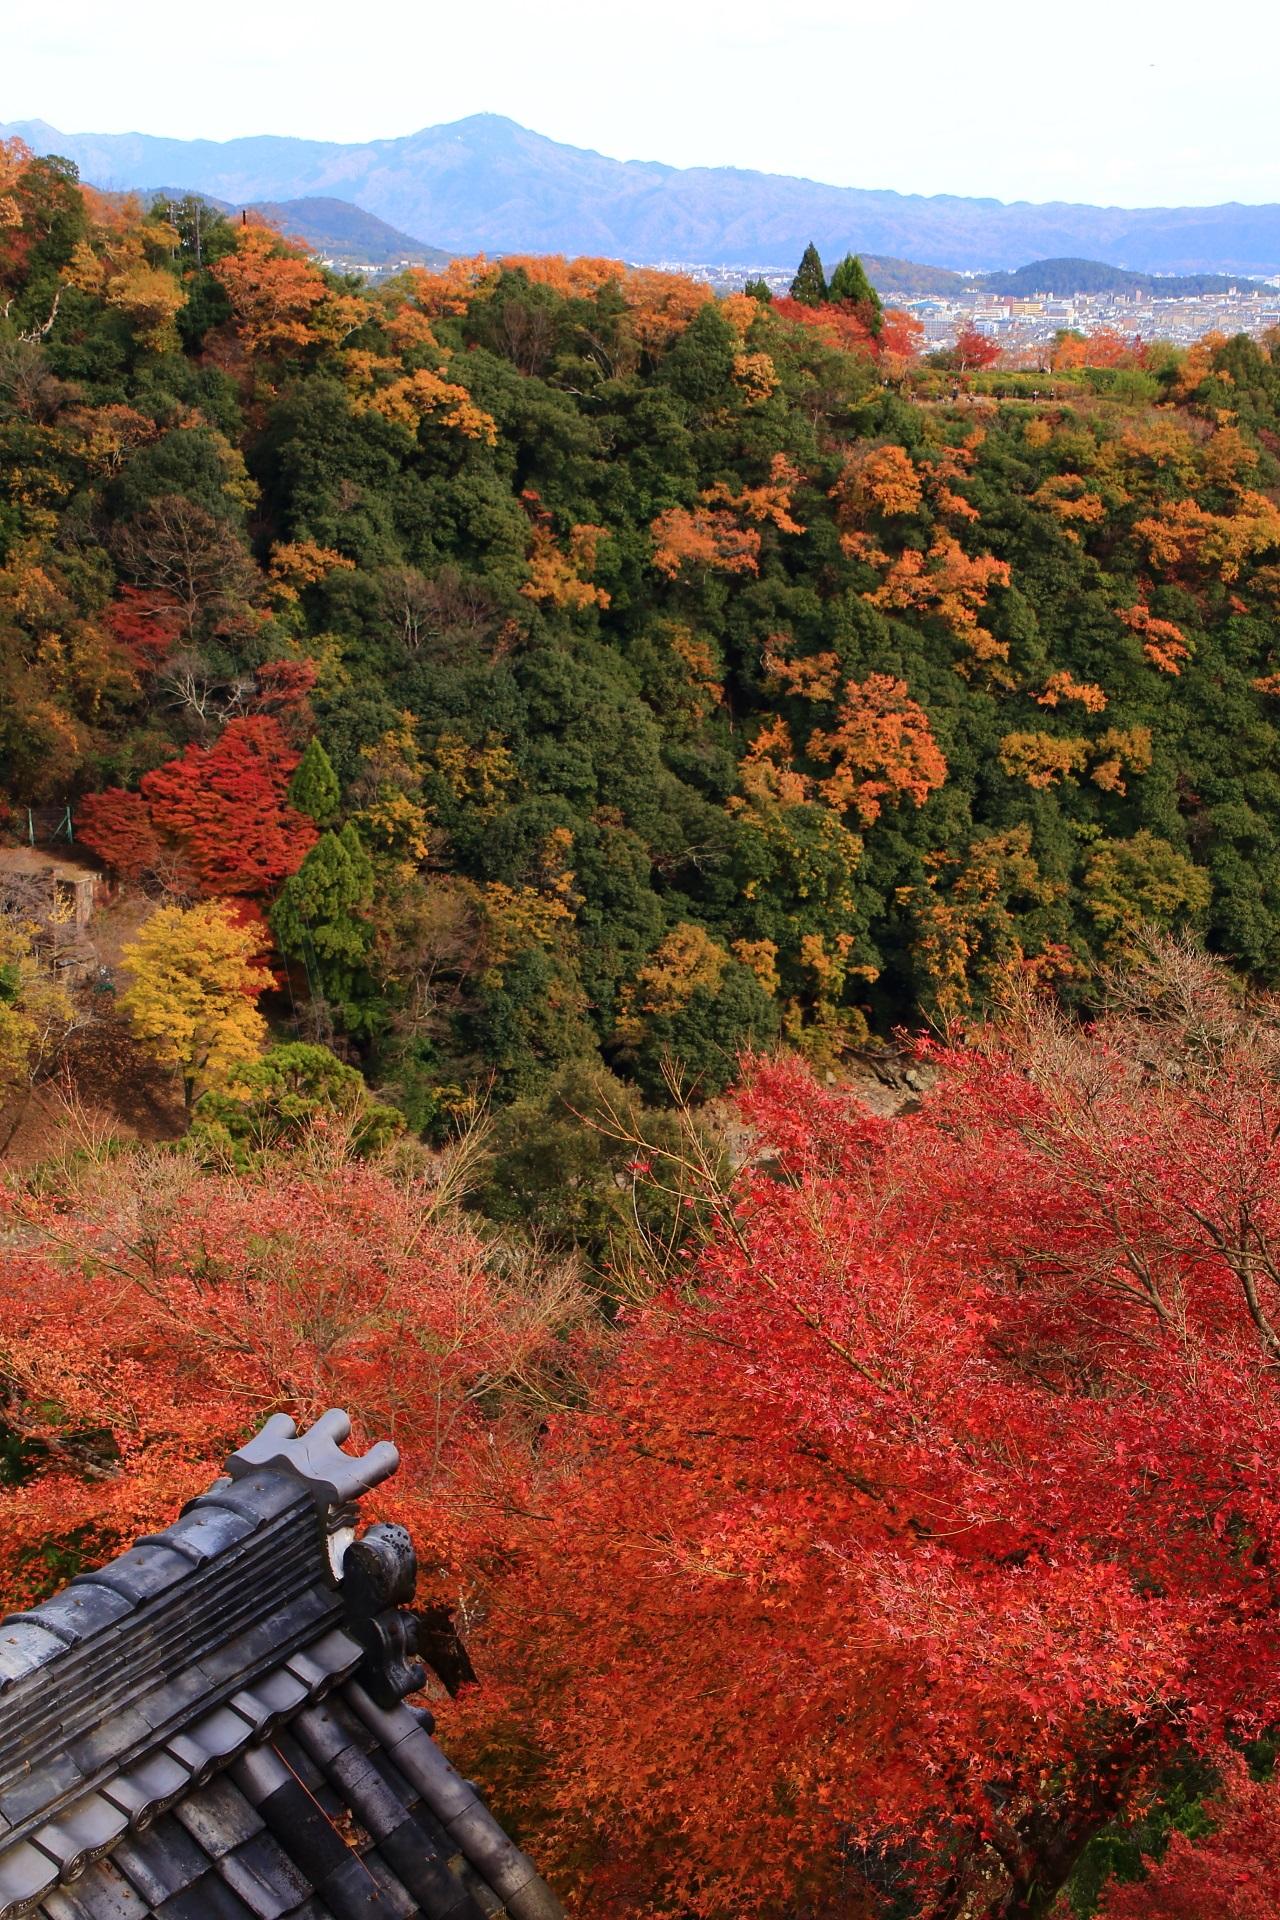 大悲閣の燃え上がるような紅葉とその奥に広がる秋に色づいた嵐山